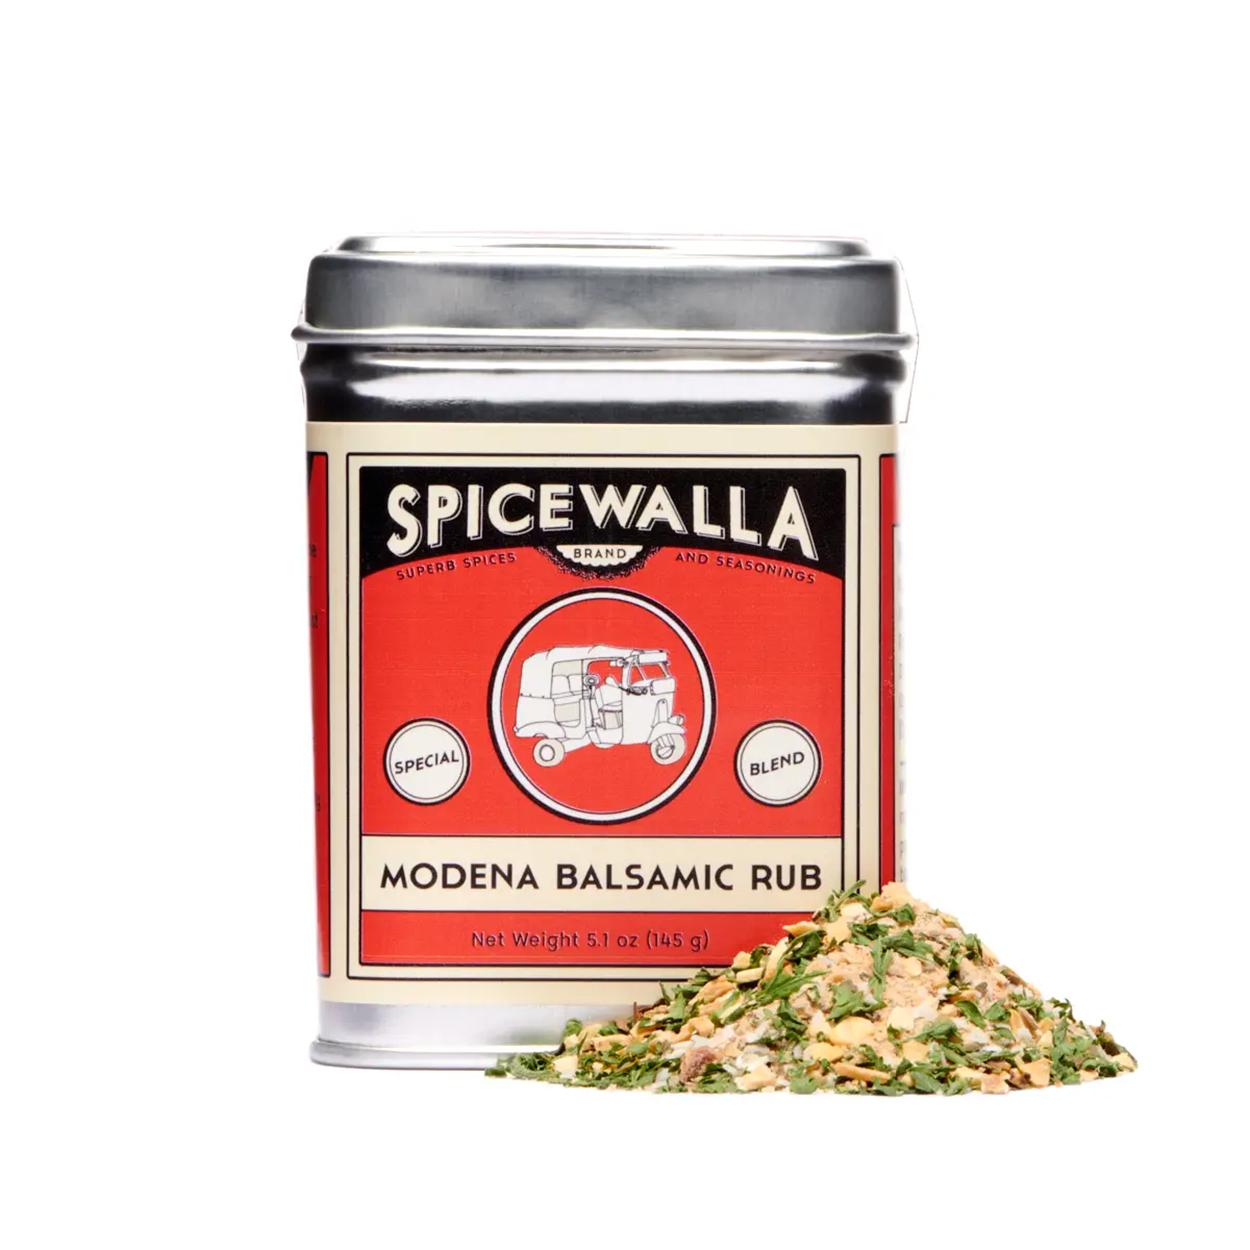 Spicewalla